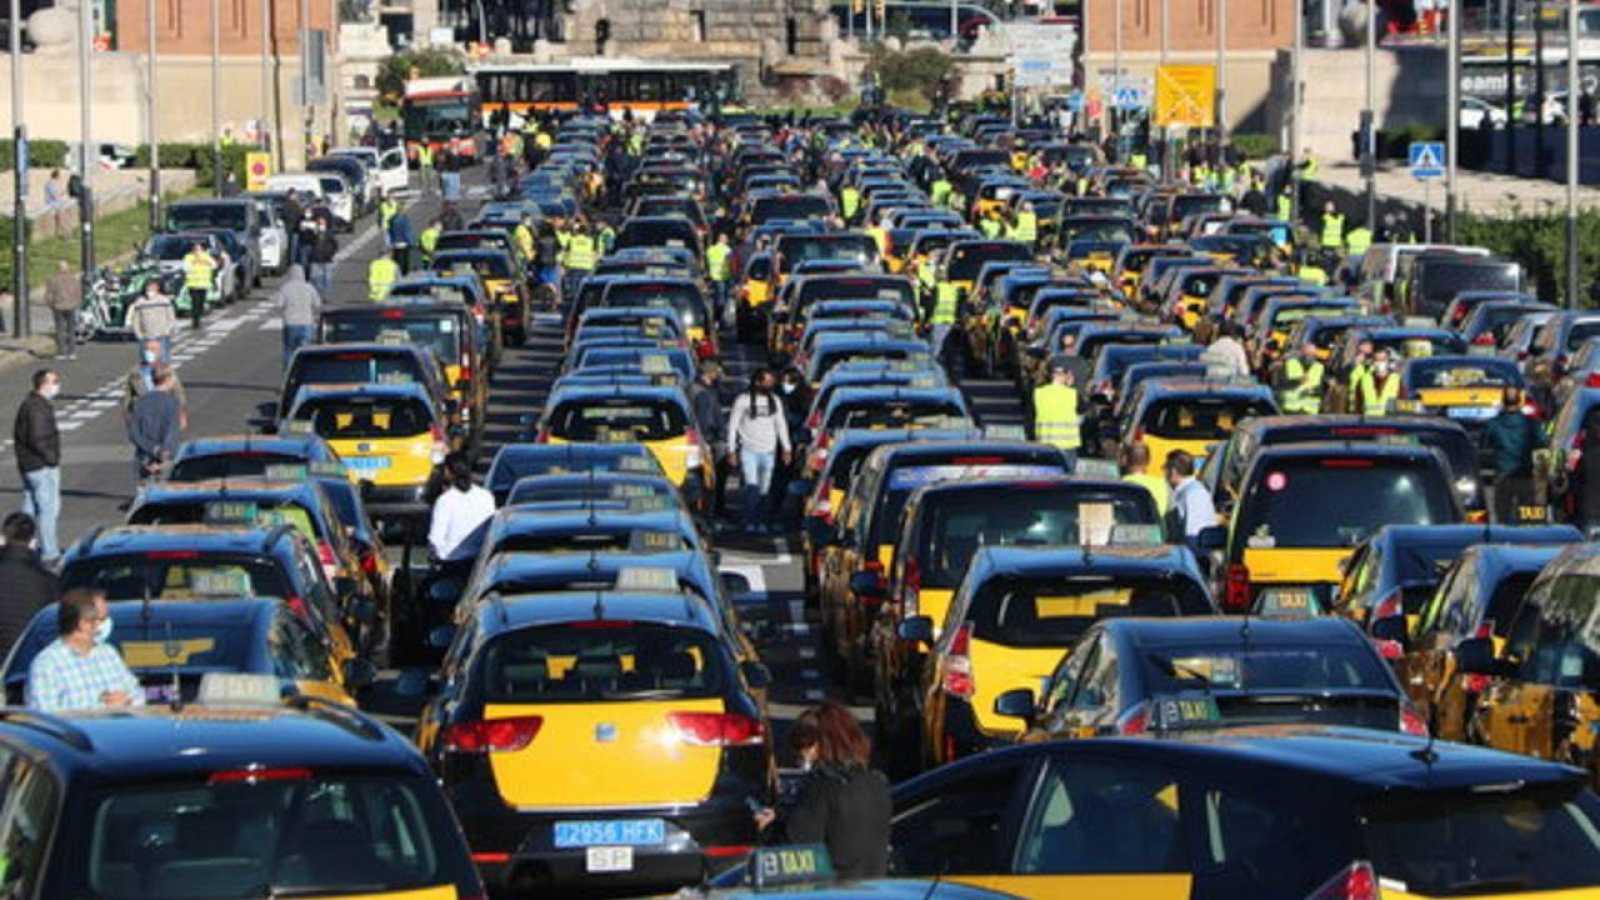 Élite Taxi convoca una mobilització el 17 de maig